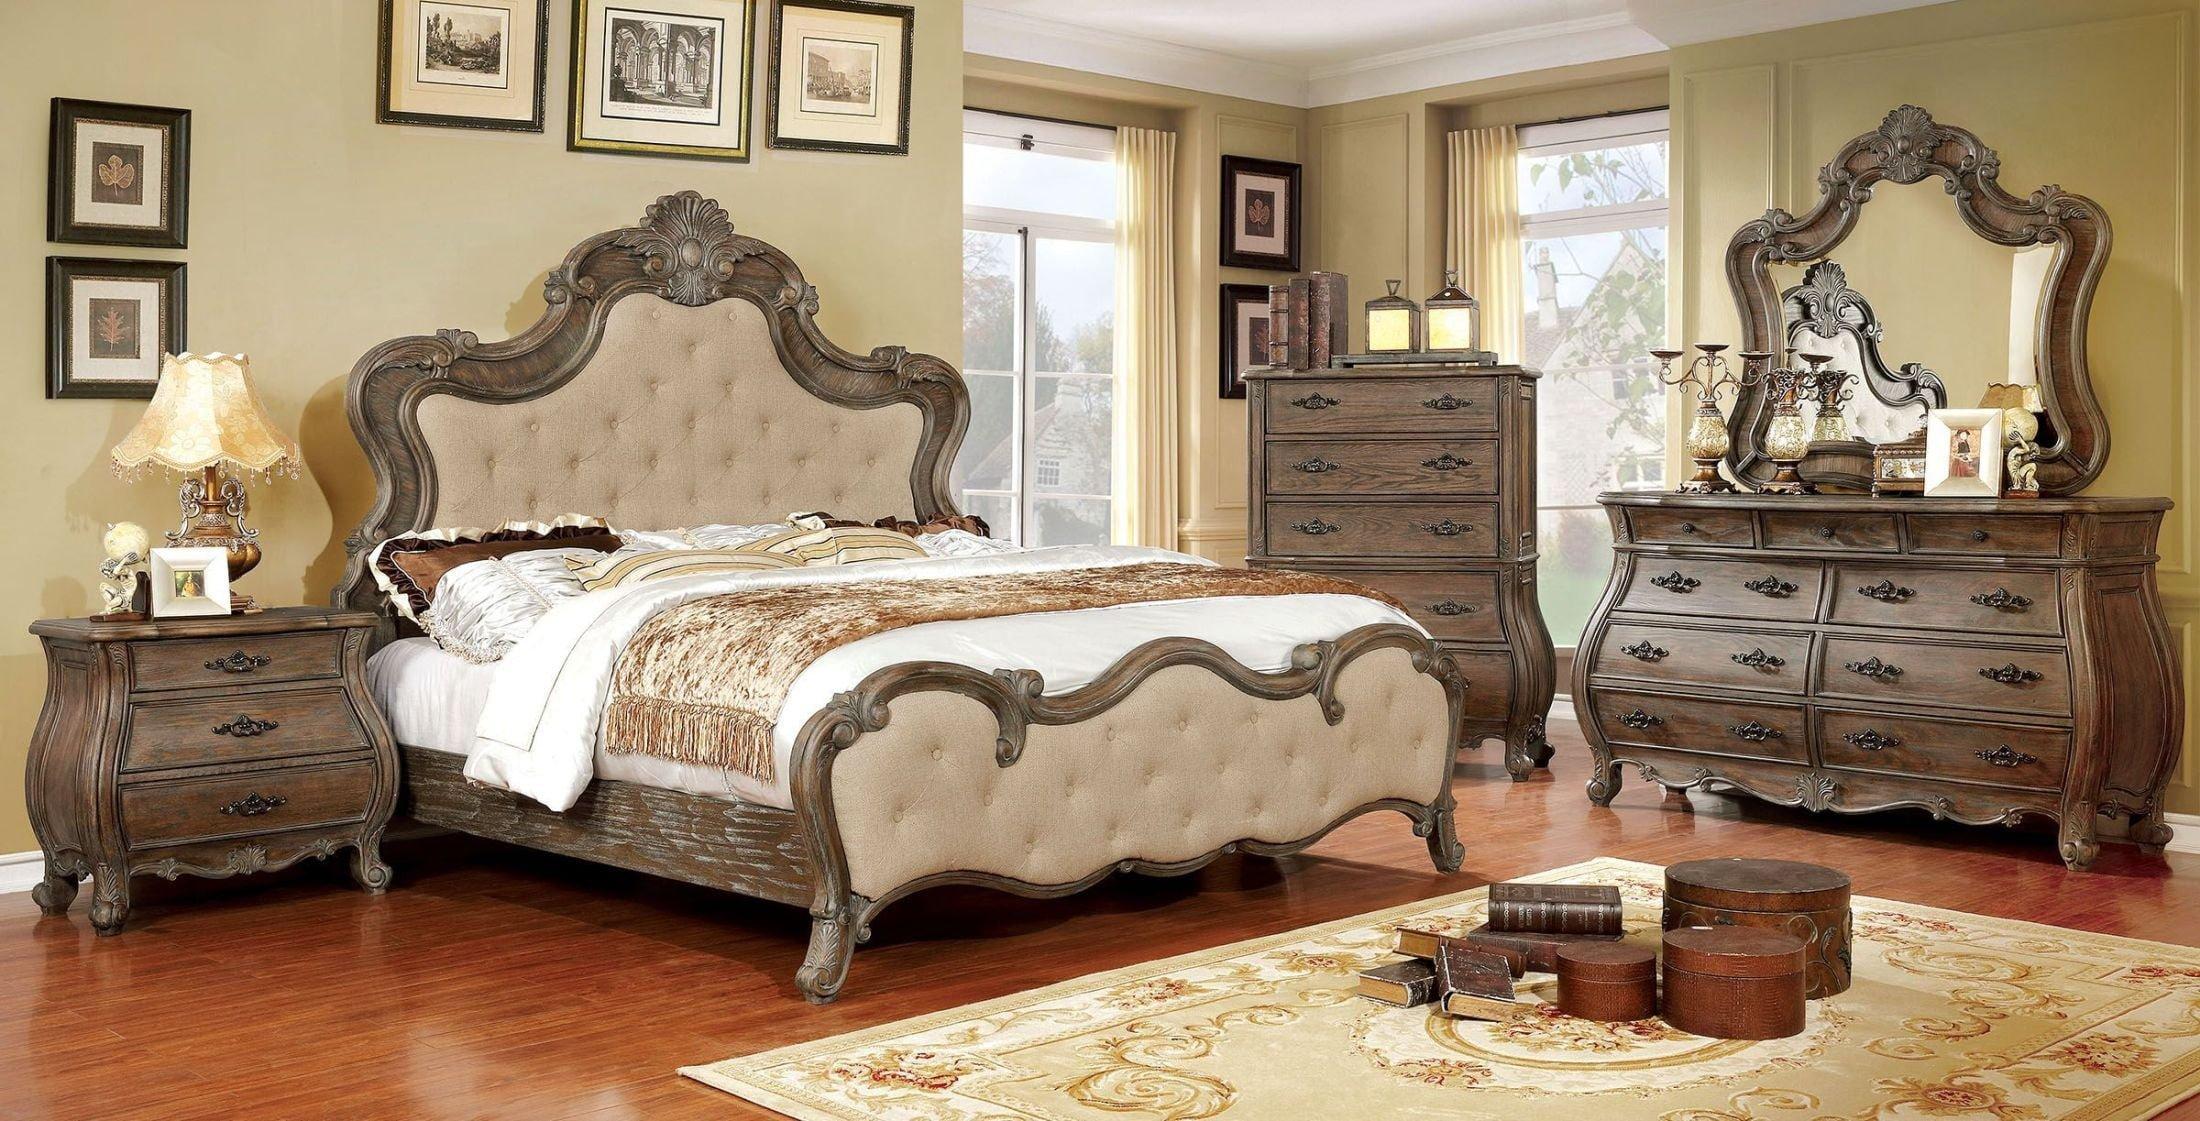 Rustic Queen Bedroom Set Fresh Cursa Rustic Natural Panel Bedroom Set